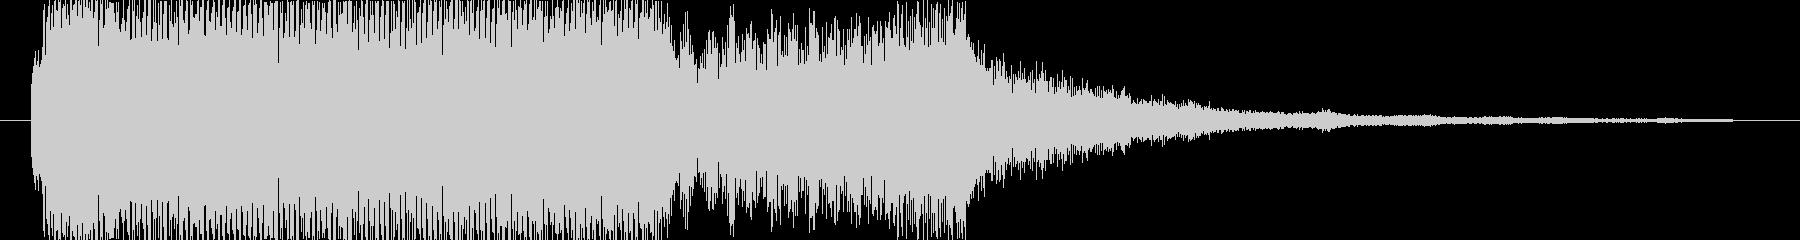 サウンドロゴ の未再生の波形